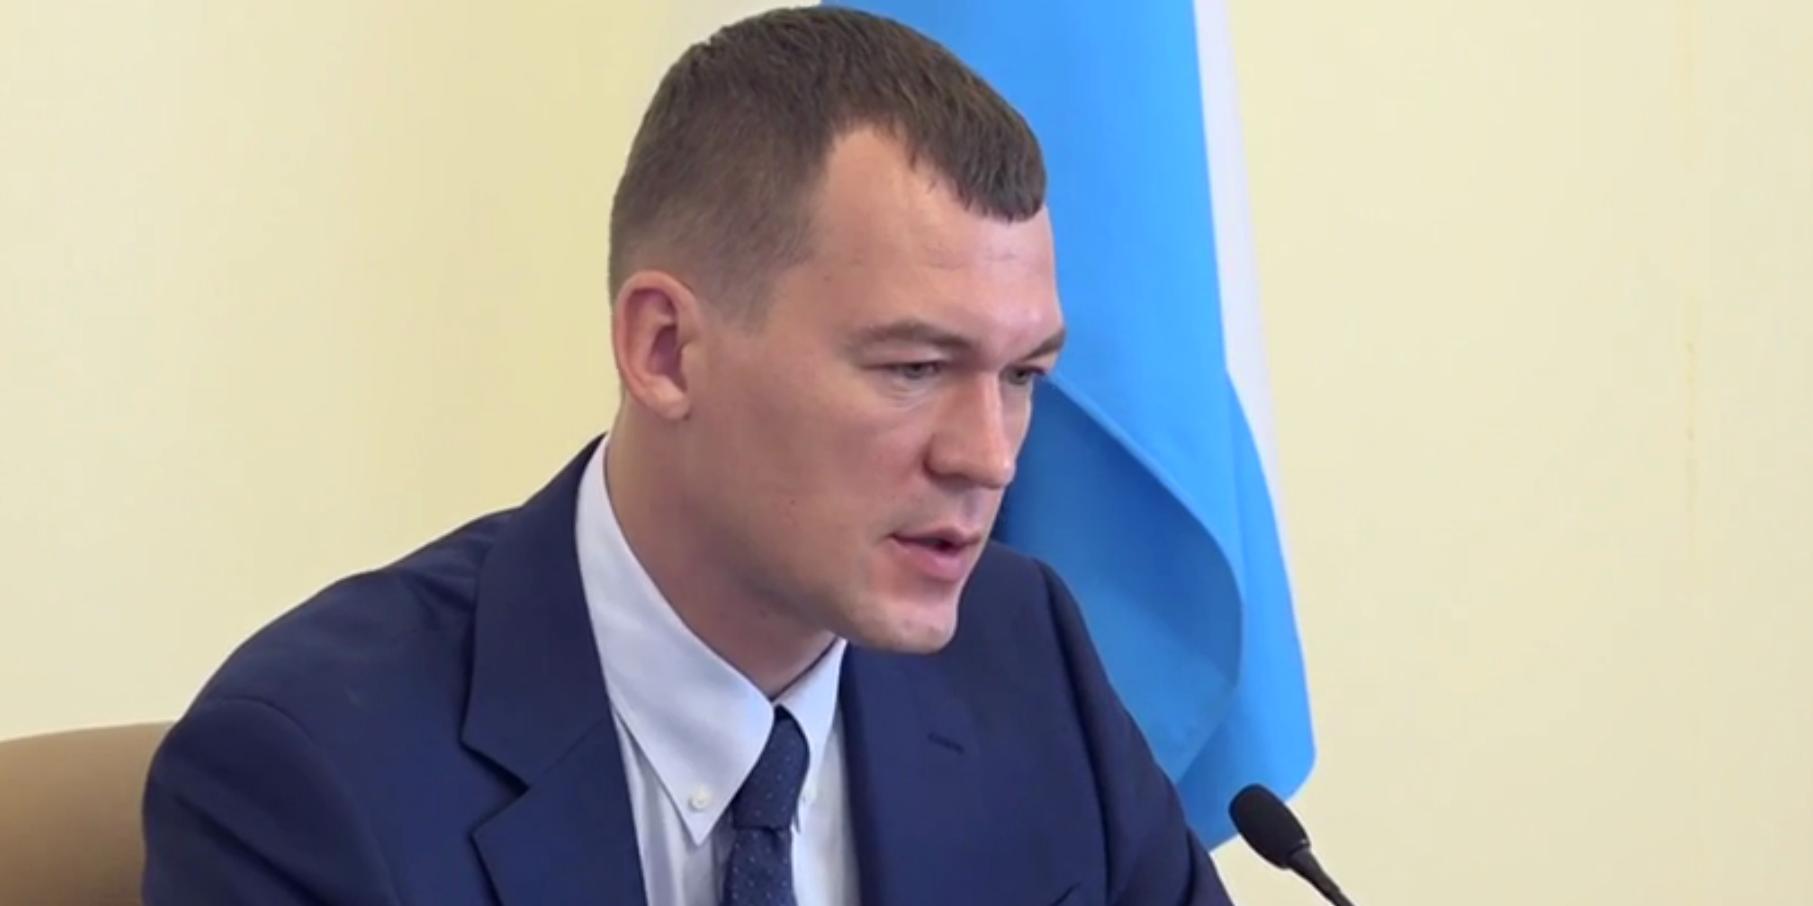 Врио губернатора Хабаровского края сокращает расходы на содержание управленческого аппарата